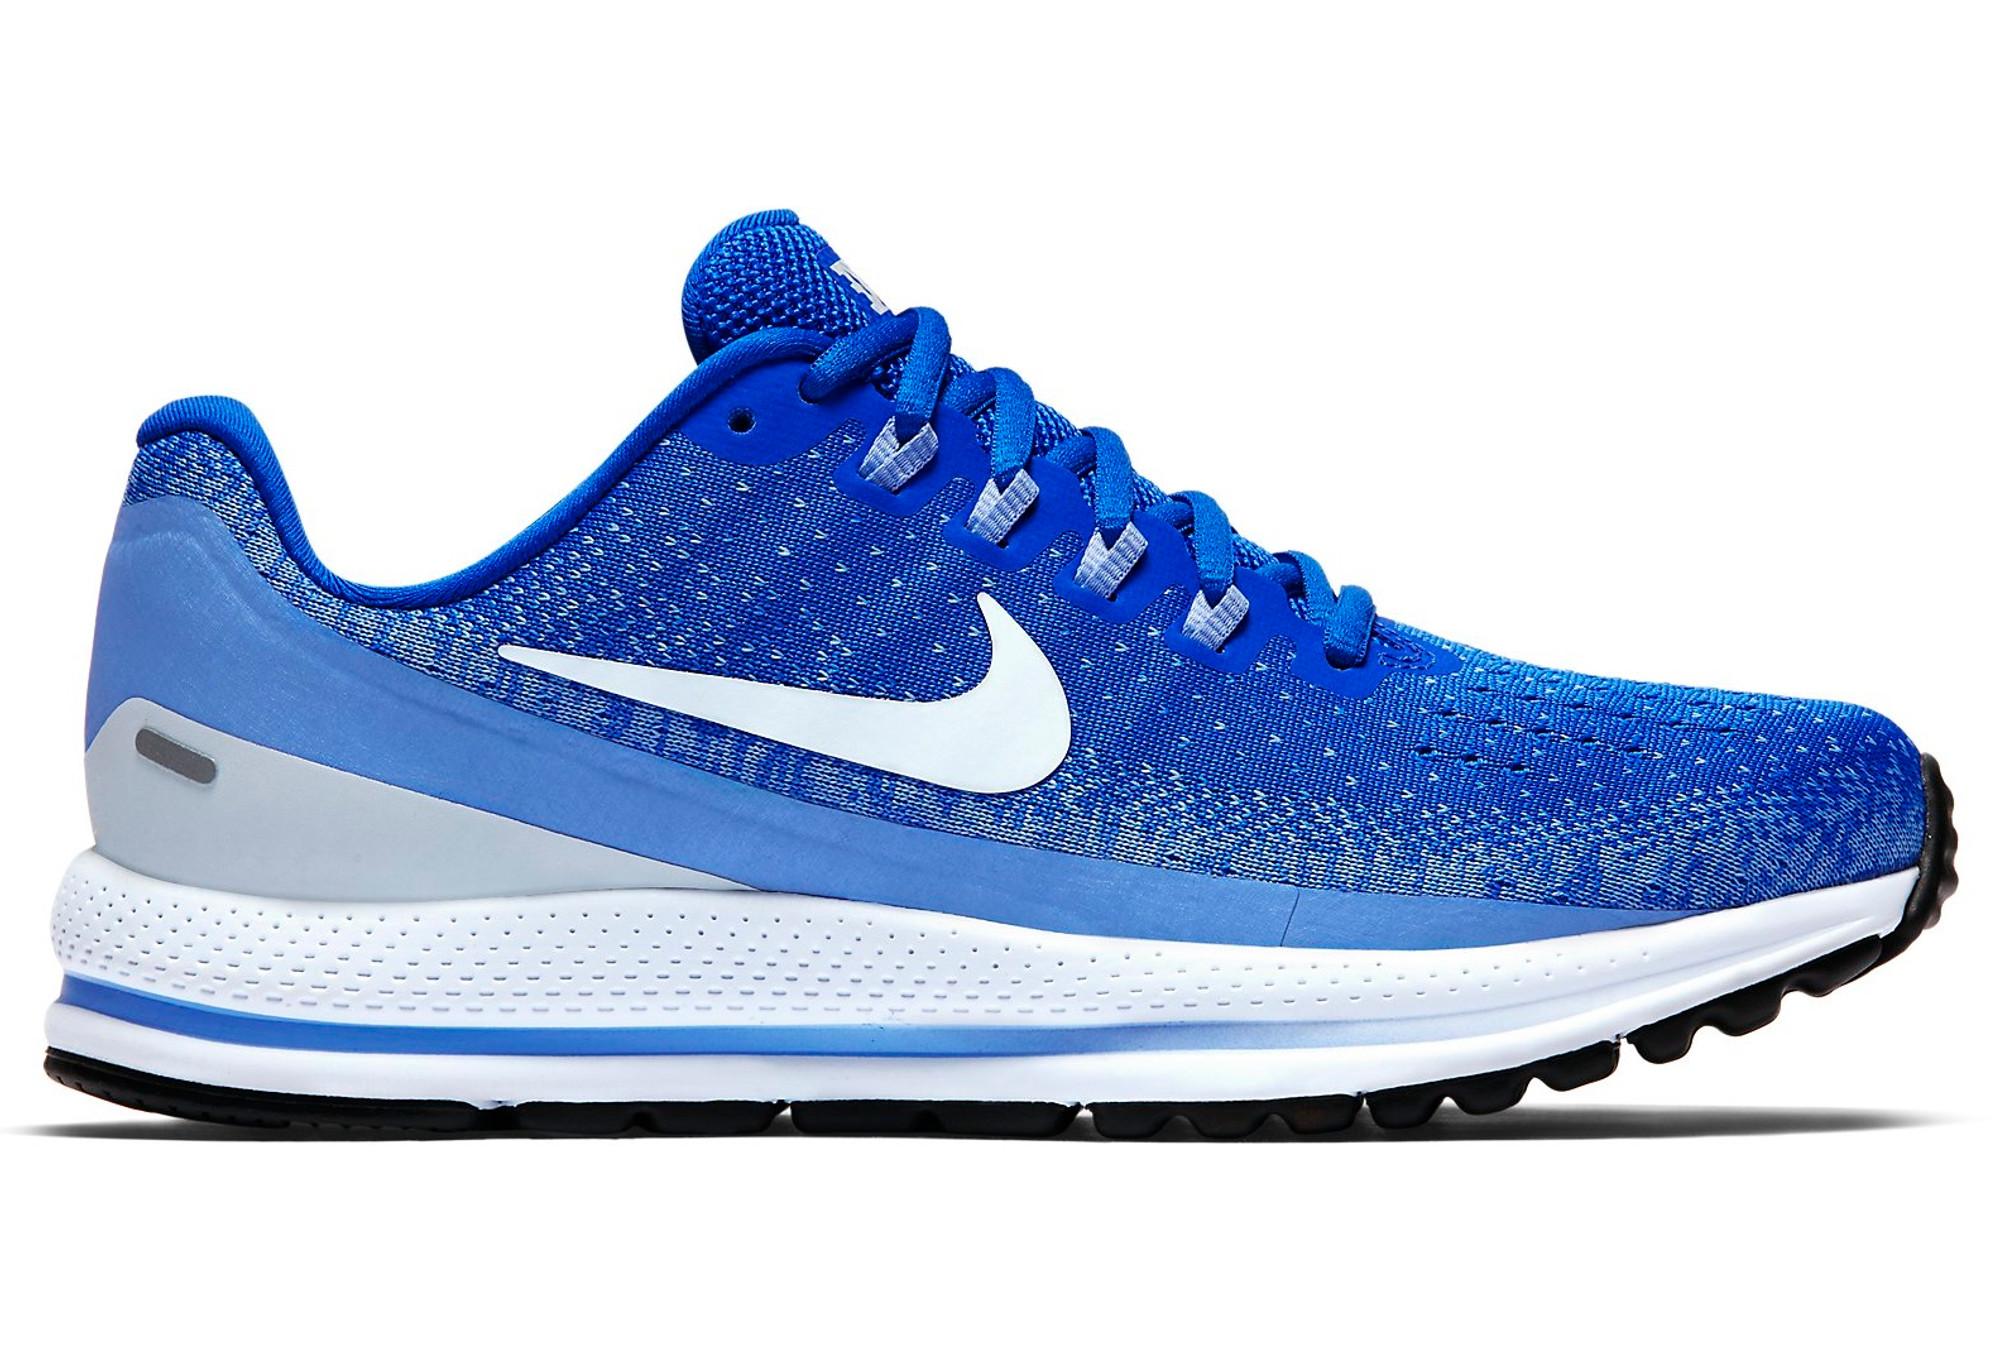 d435a947236 Chaussures de Running Femme Nike Air Zoom Vomero 13 Bleu   Blanc ...